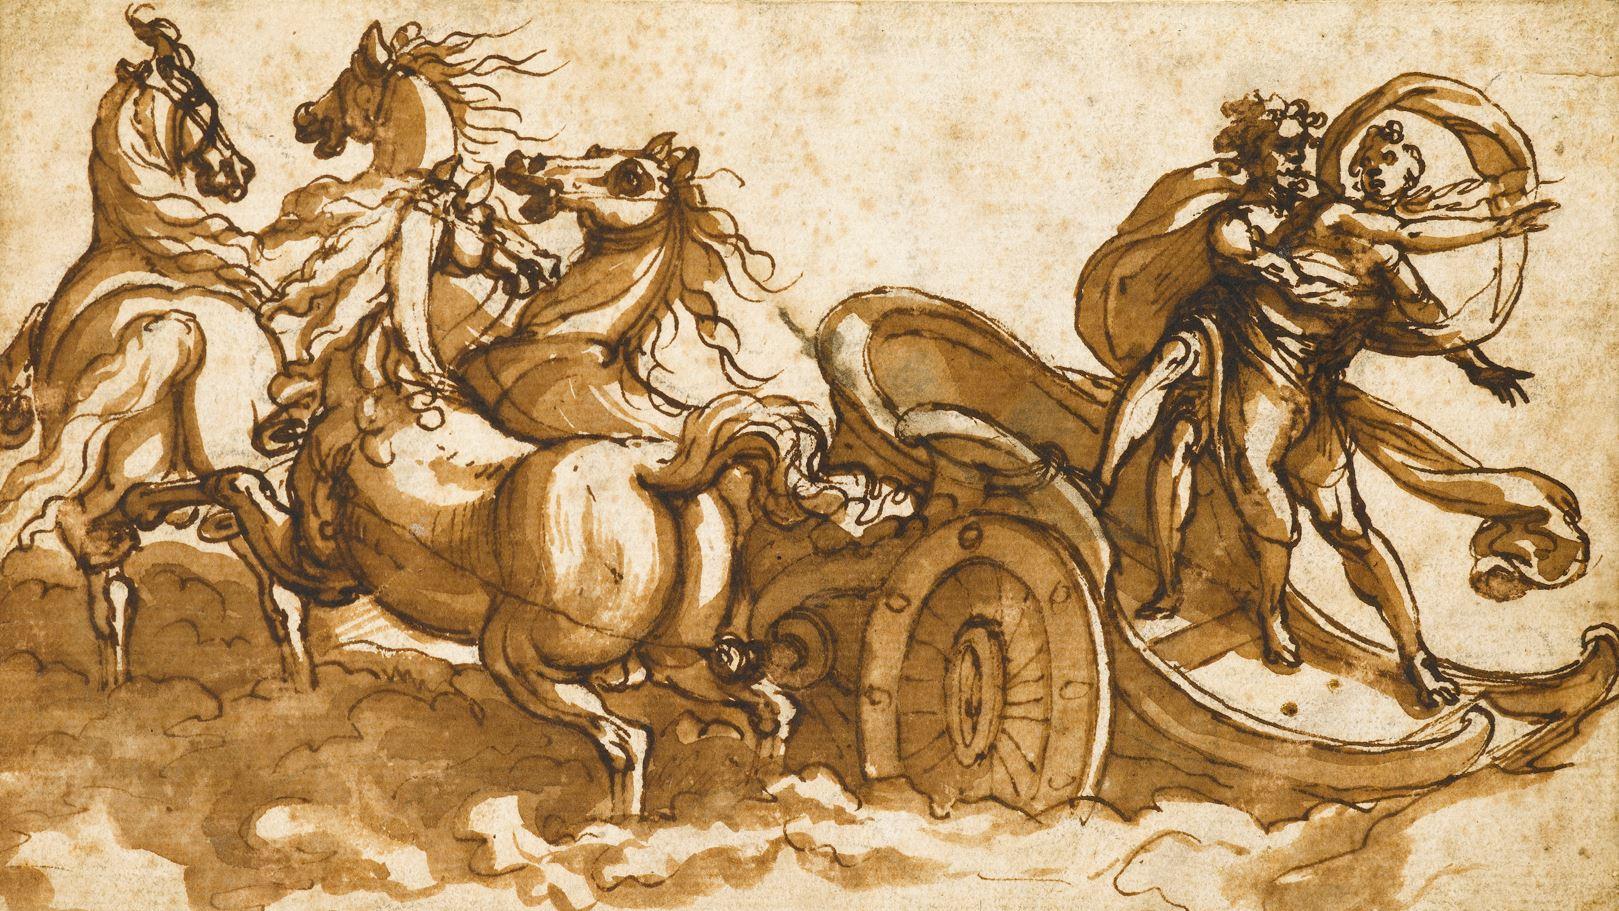 Antonio TEMPESTA | The Abduction of Persephone